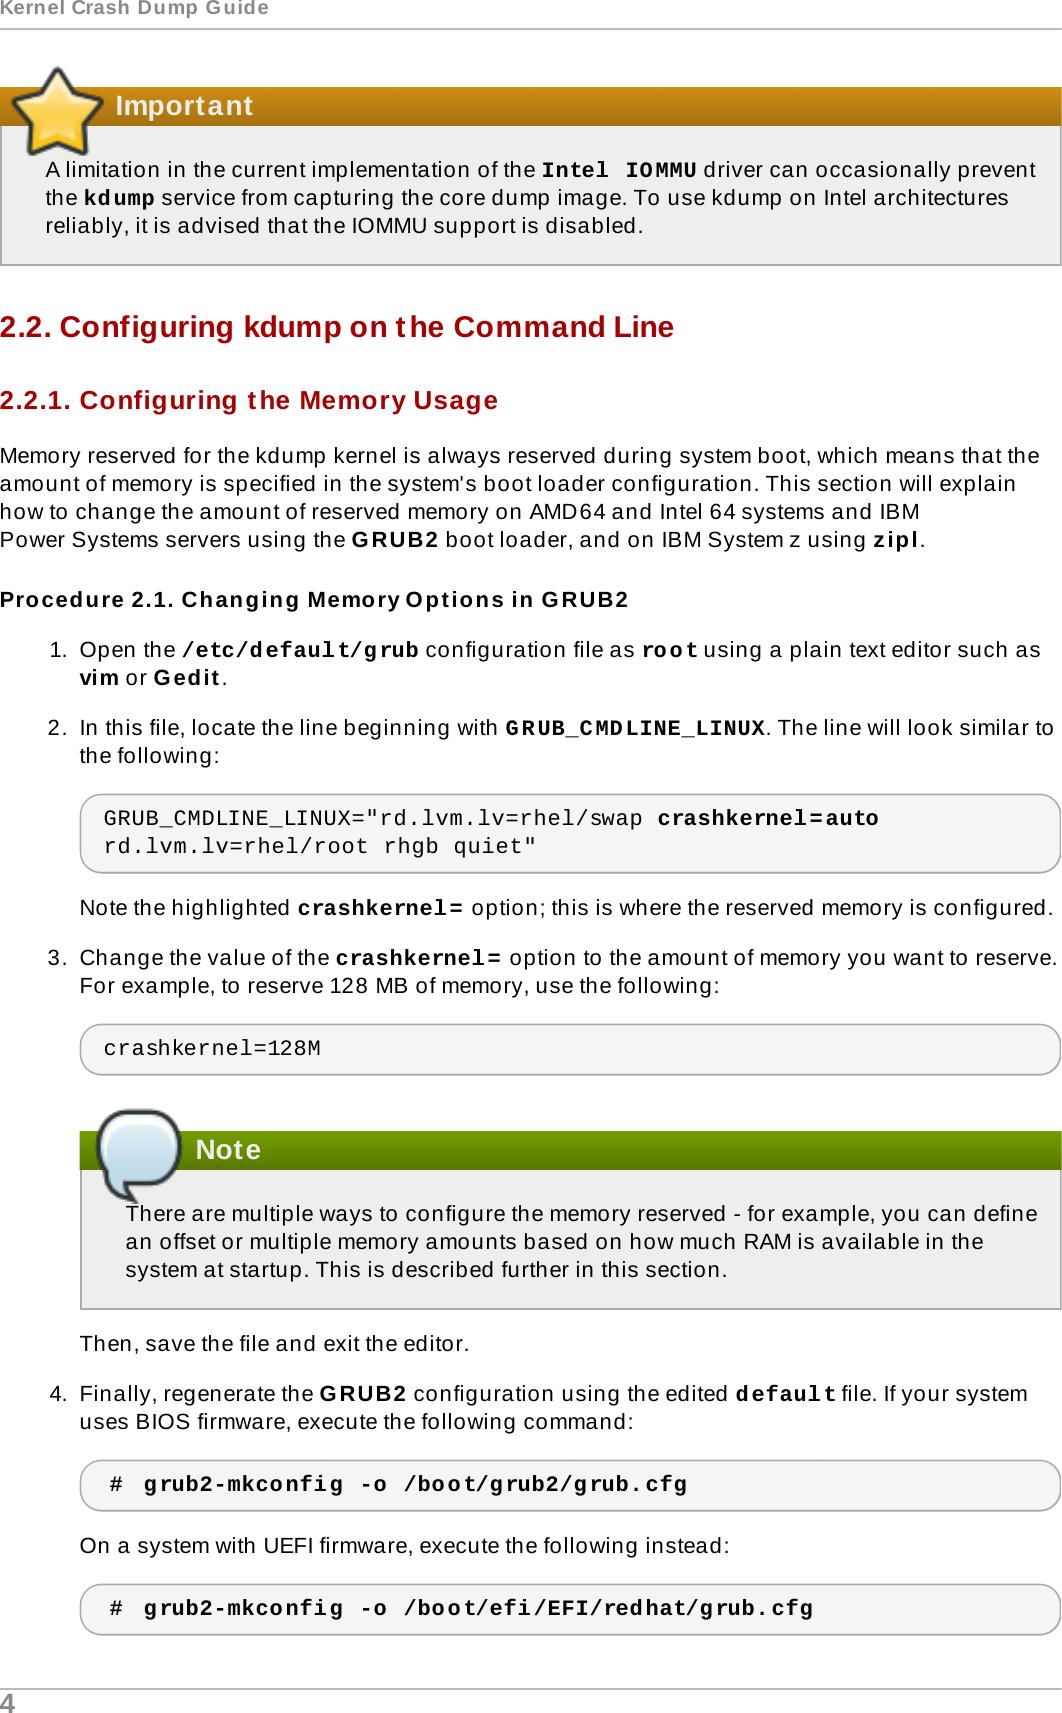 Kernel Crash Dump Guide Red Hat Enterprise Linux 7 Jaromir Hradilek